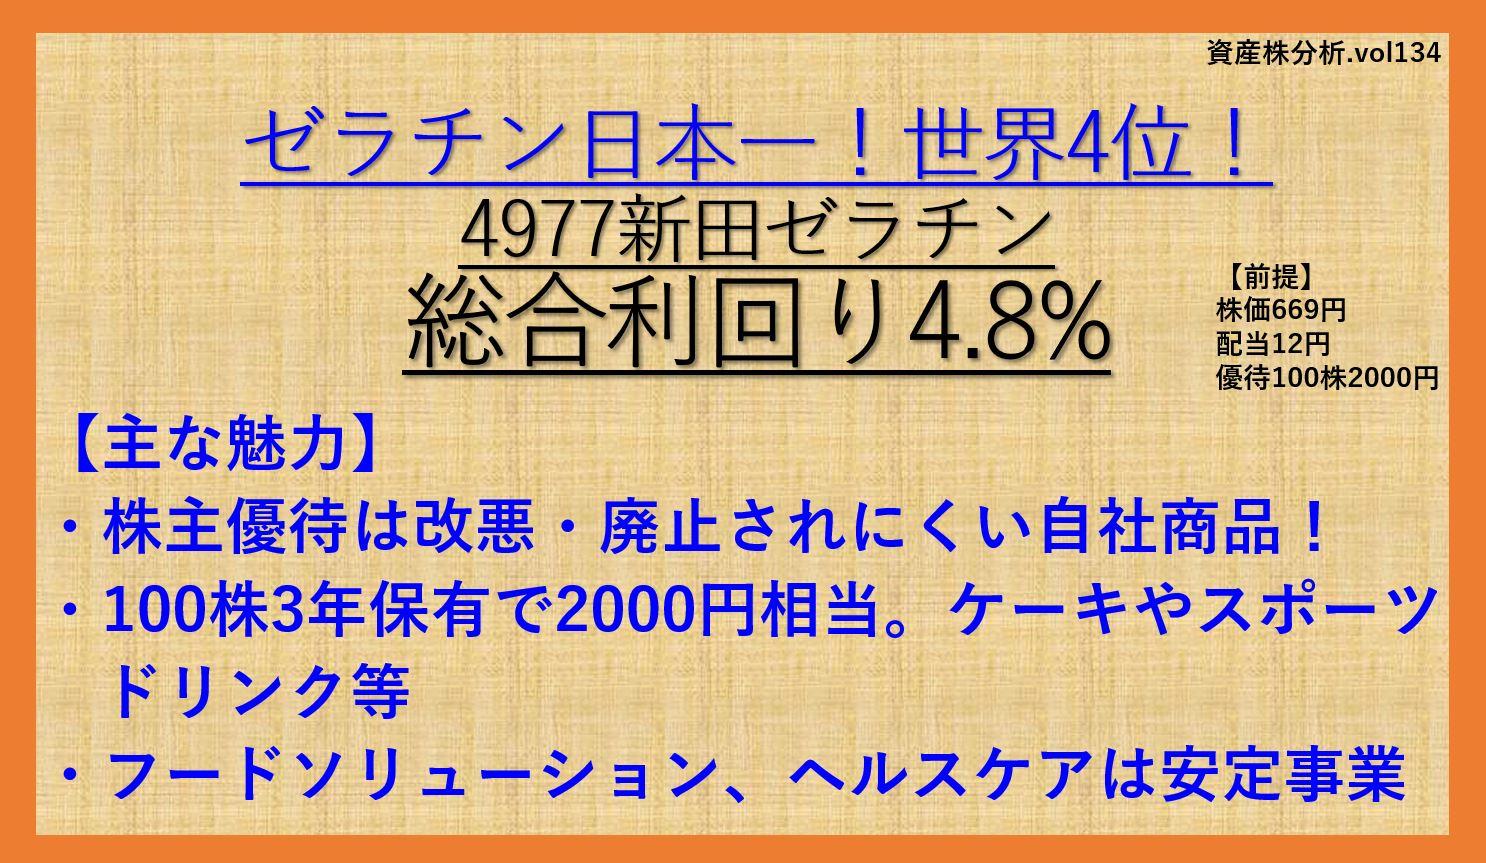 新田ゼラチン-4977